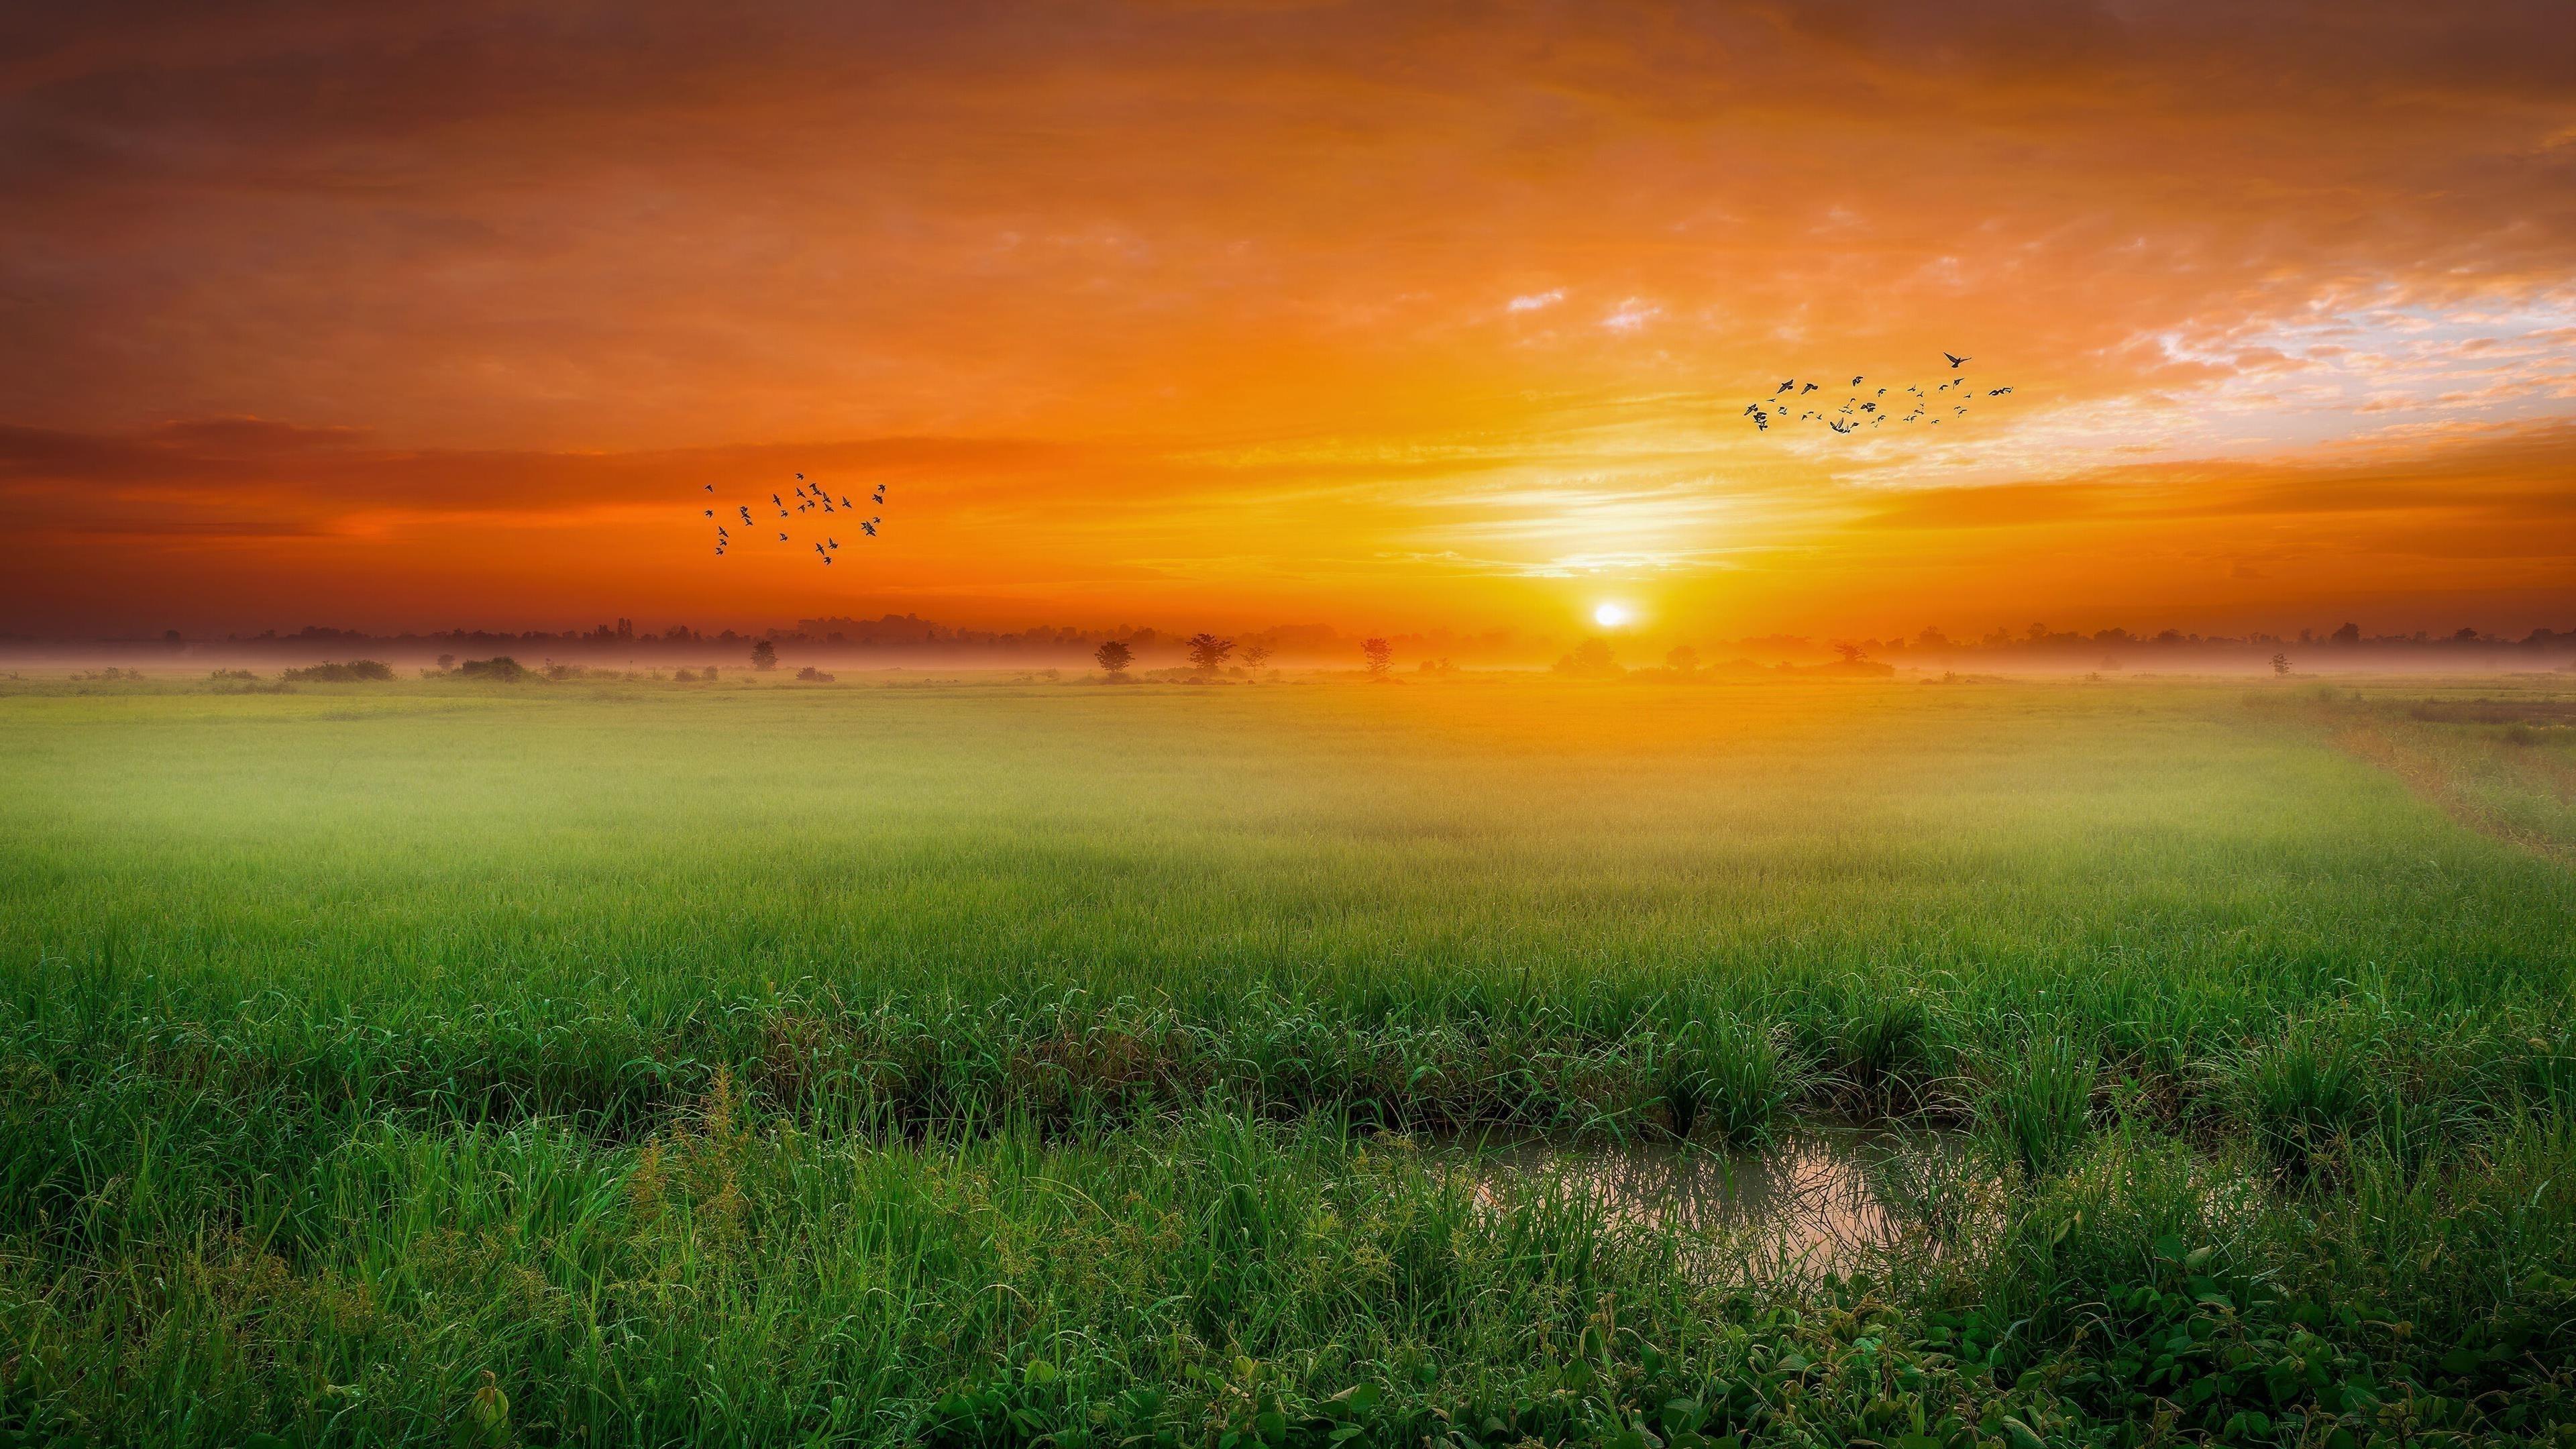 Зеленое поле с птицами во время заката природа обои скачать